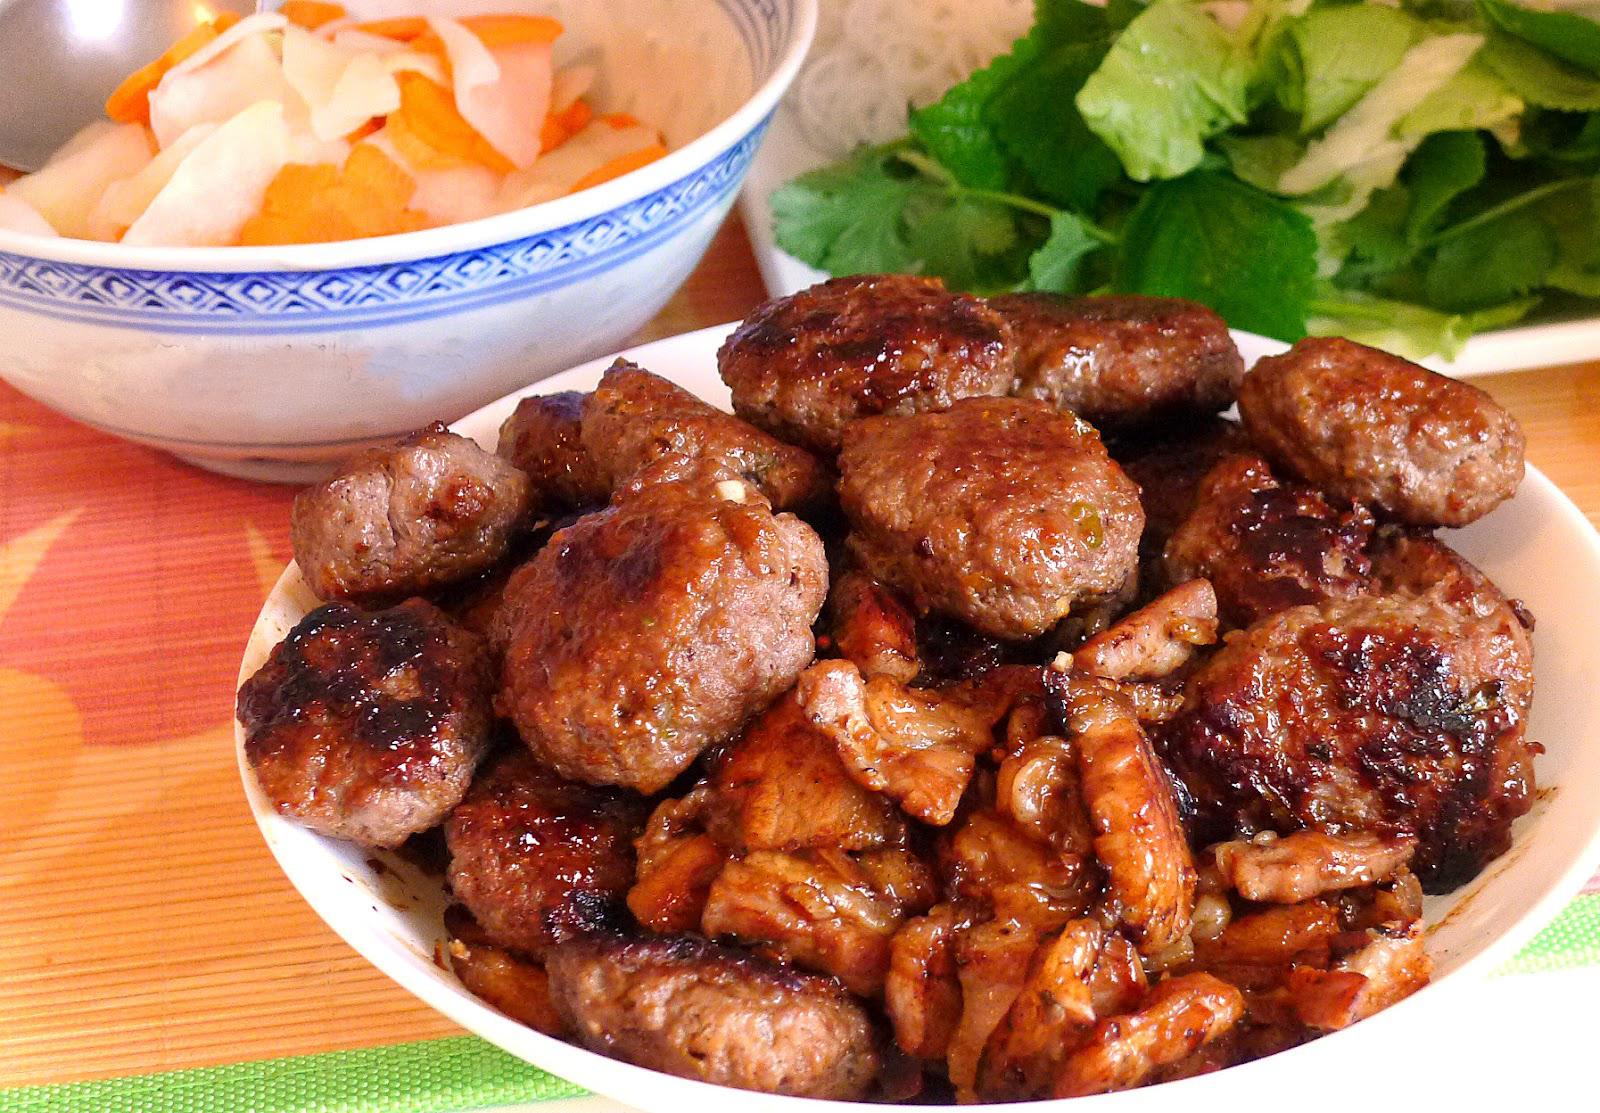 Bún chả là món ăn đặc trưng, lâu đời của người Hà Nội.